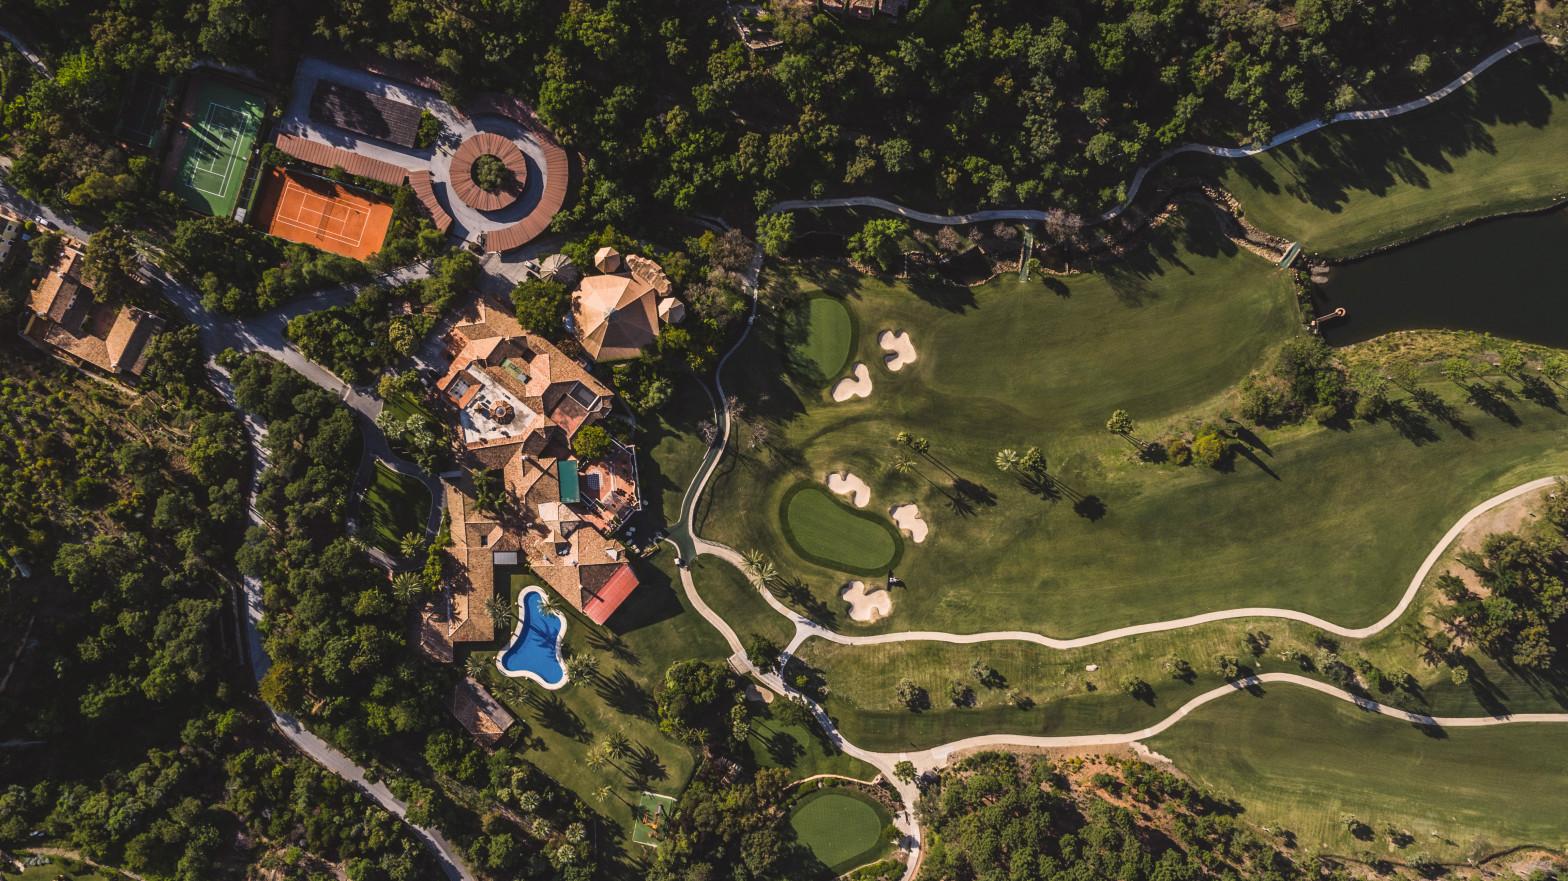 El rey del lujo en Marbella presume de disparar la venta de mansiones en plena pandemia